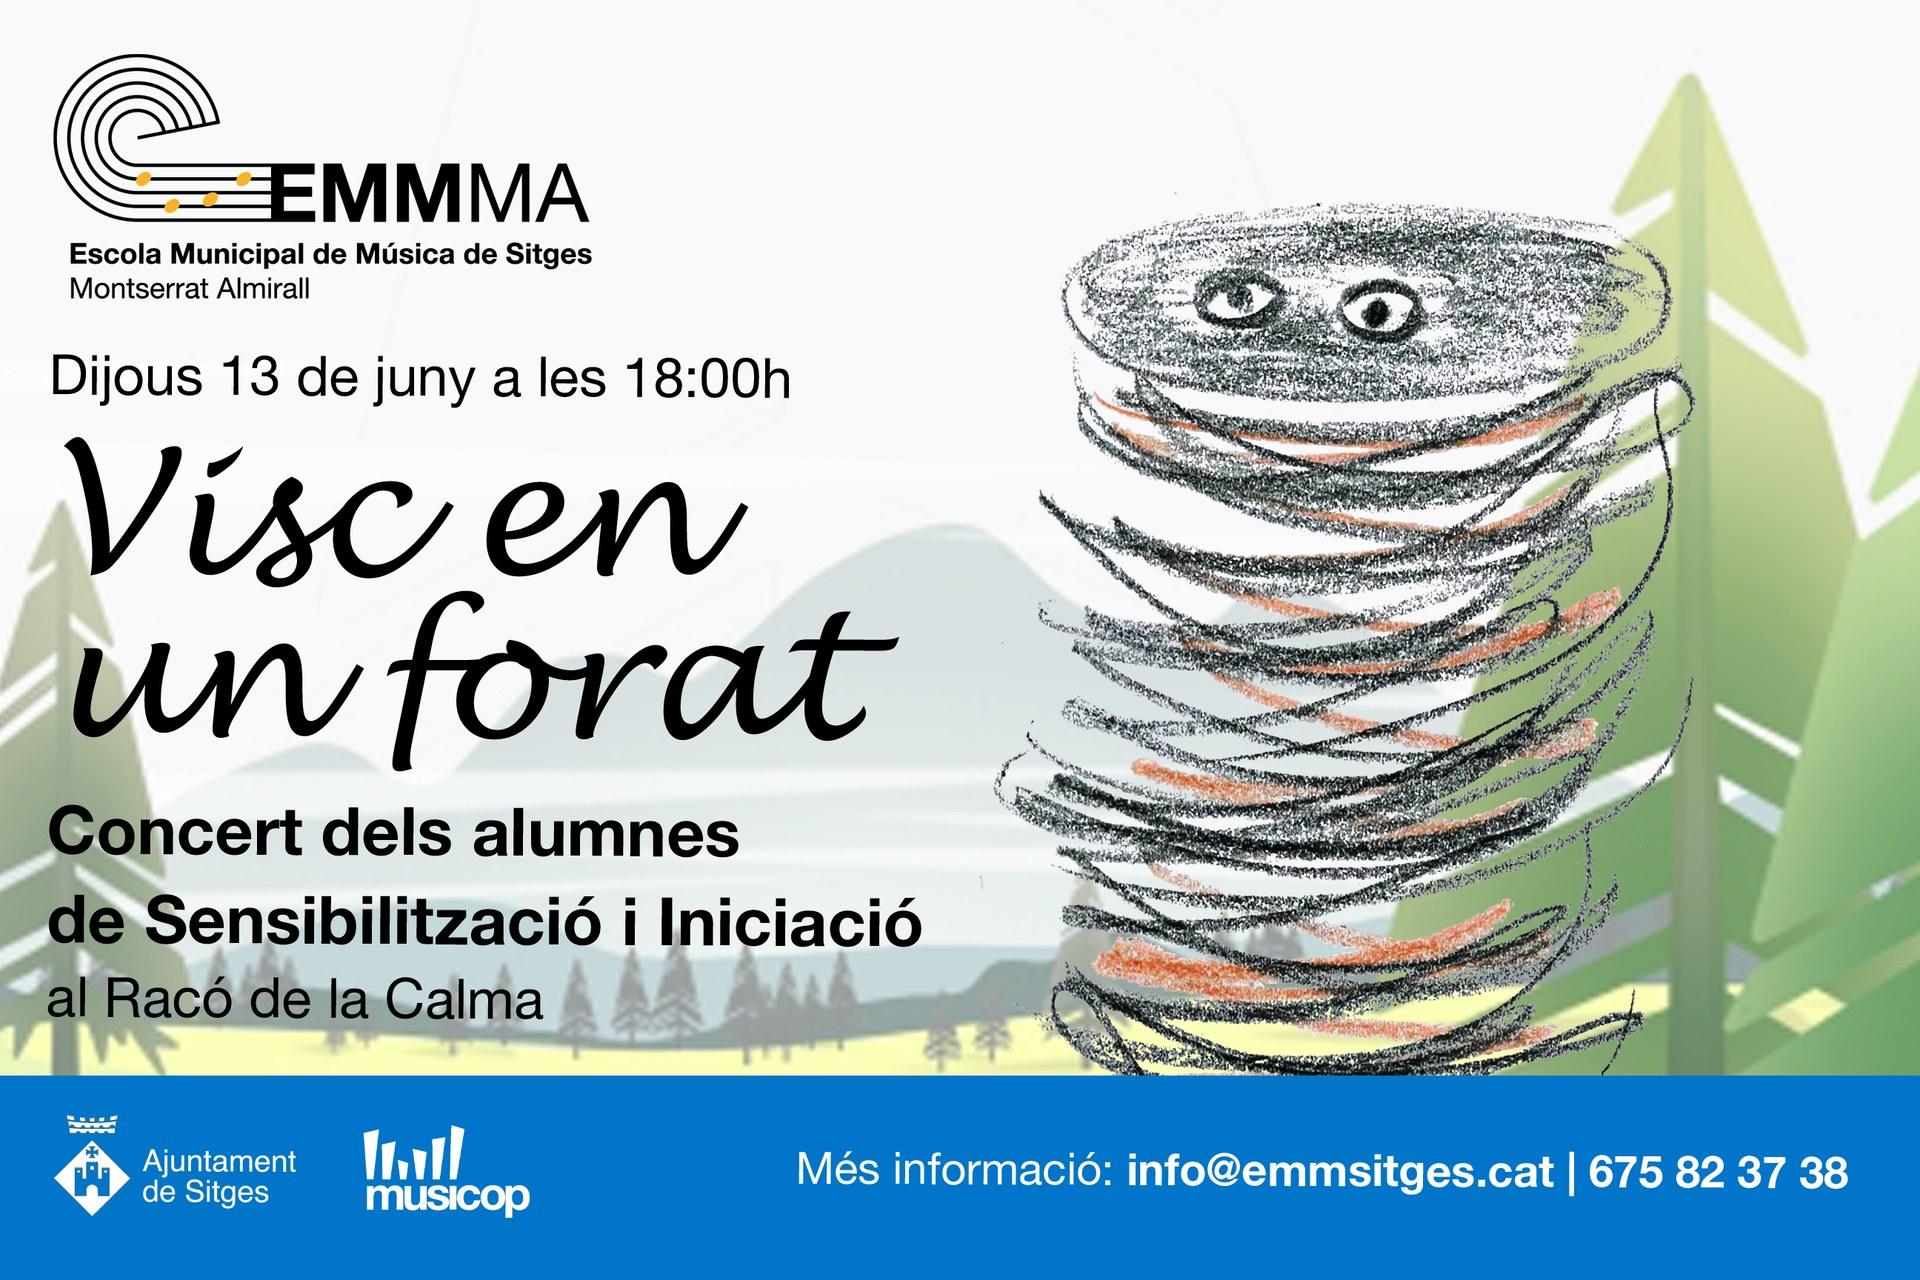 Els alumnes de sensibilització i iniciació de l'Escola Municipal de Música de Sitges oferiran un concert al Racó de la Calma